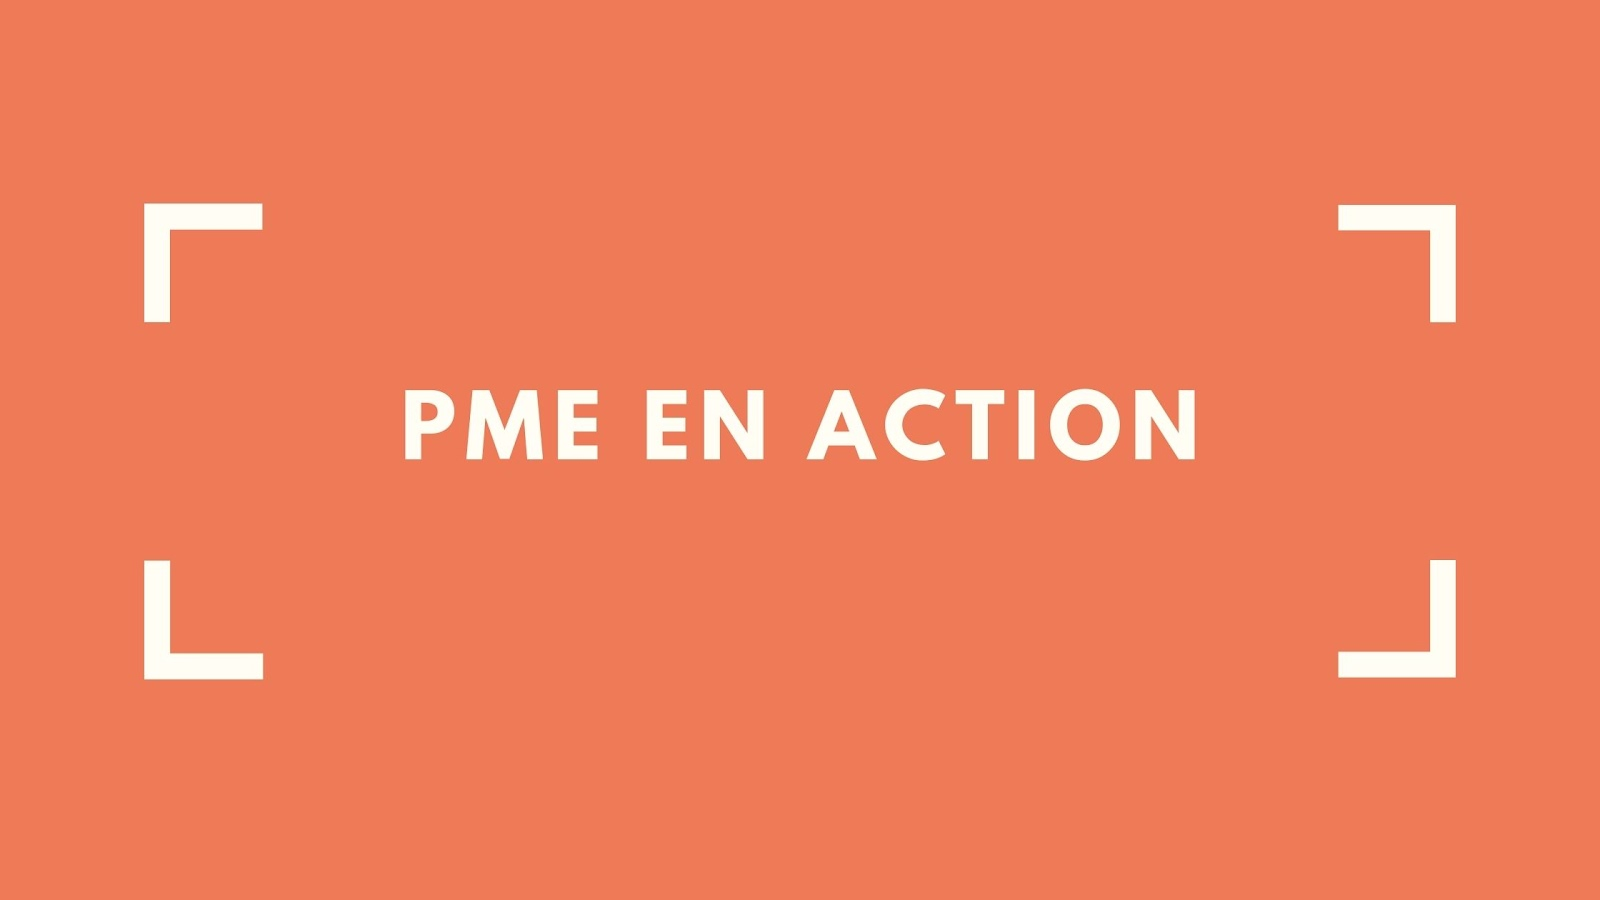 Le Programme PME en Action du M.E.I permet de soutenir les entreprises pour optimiser leur productivité